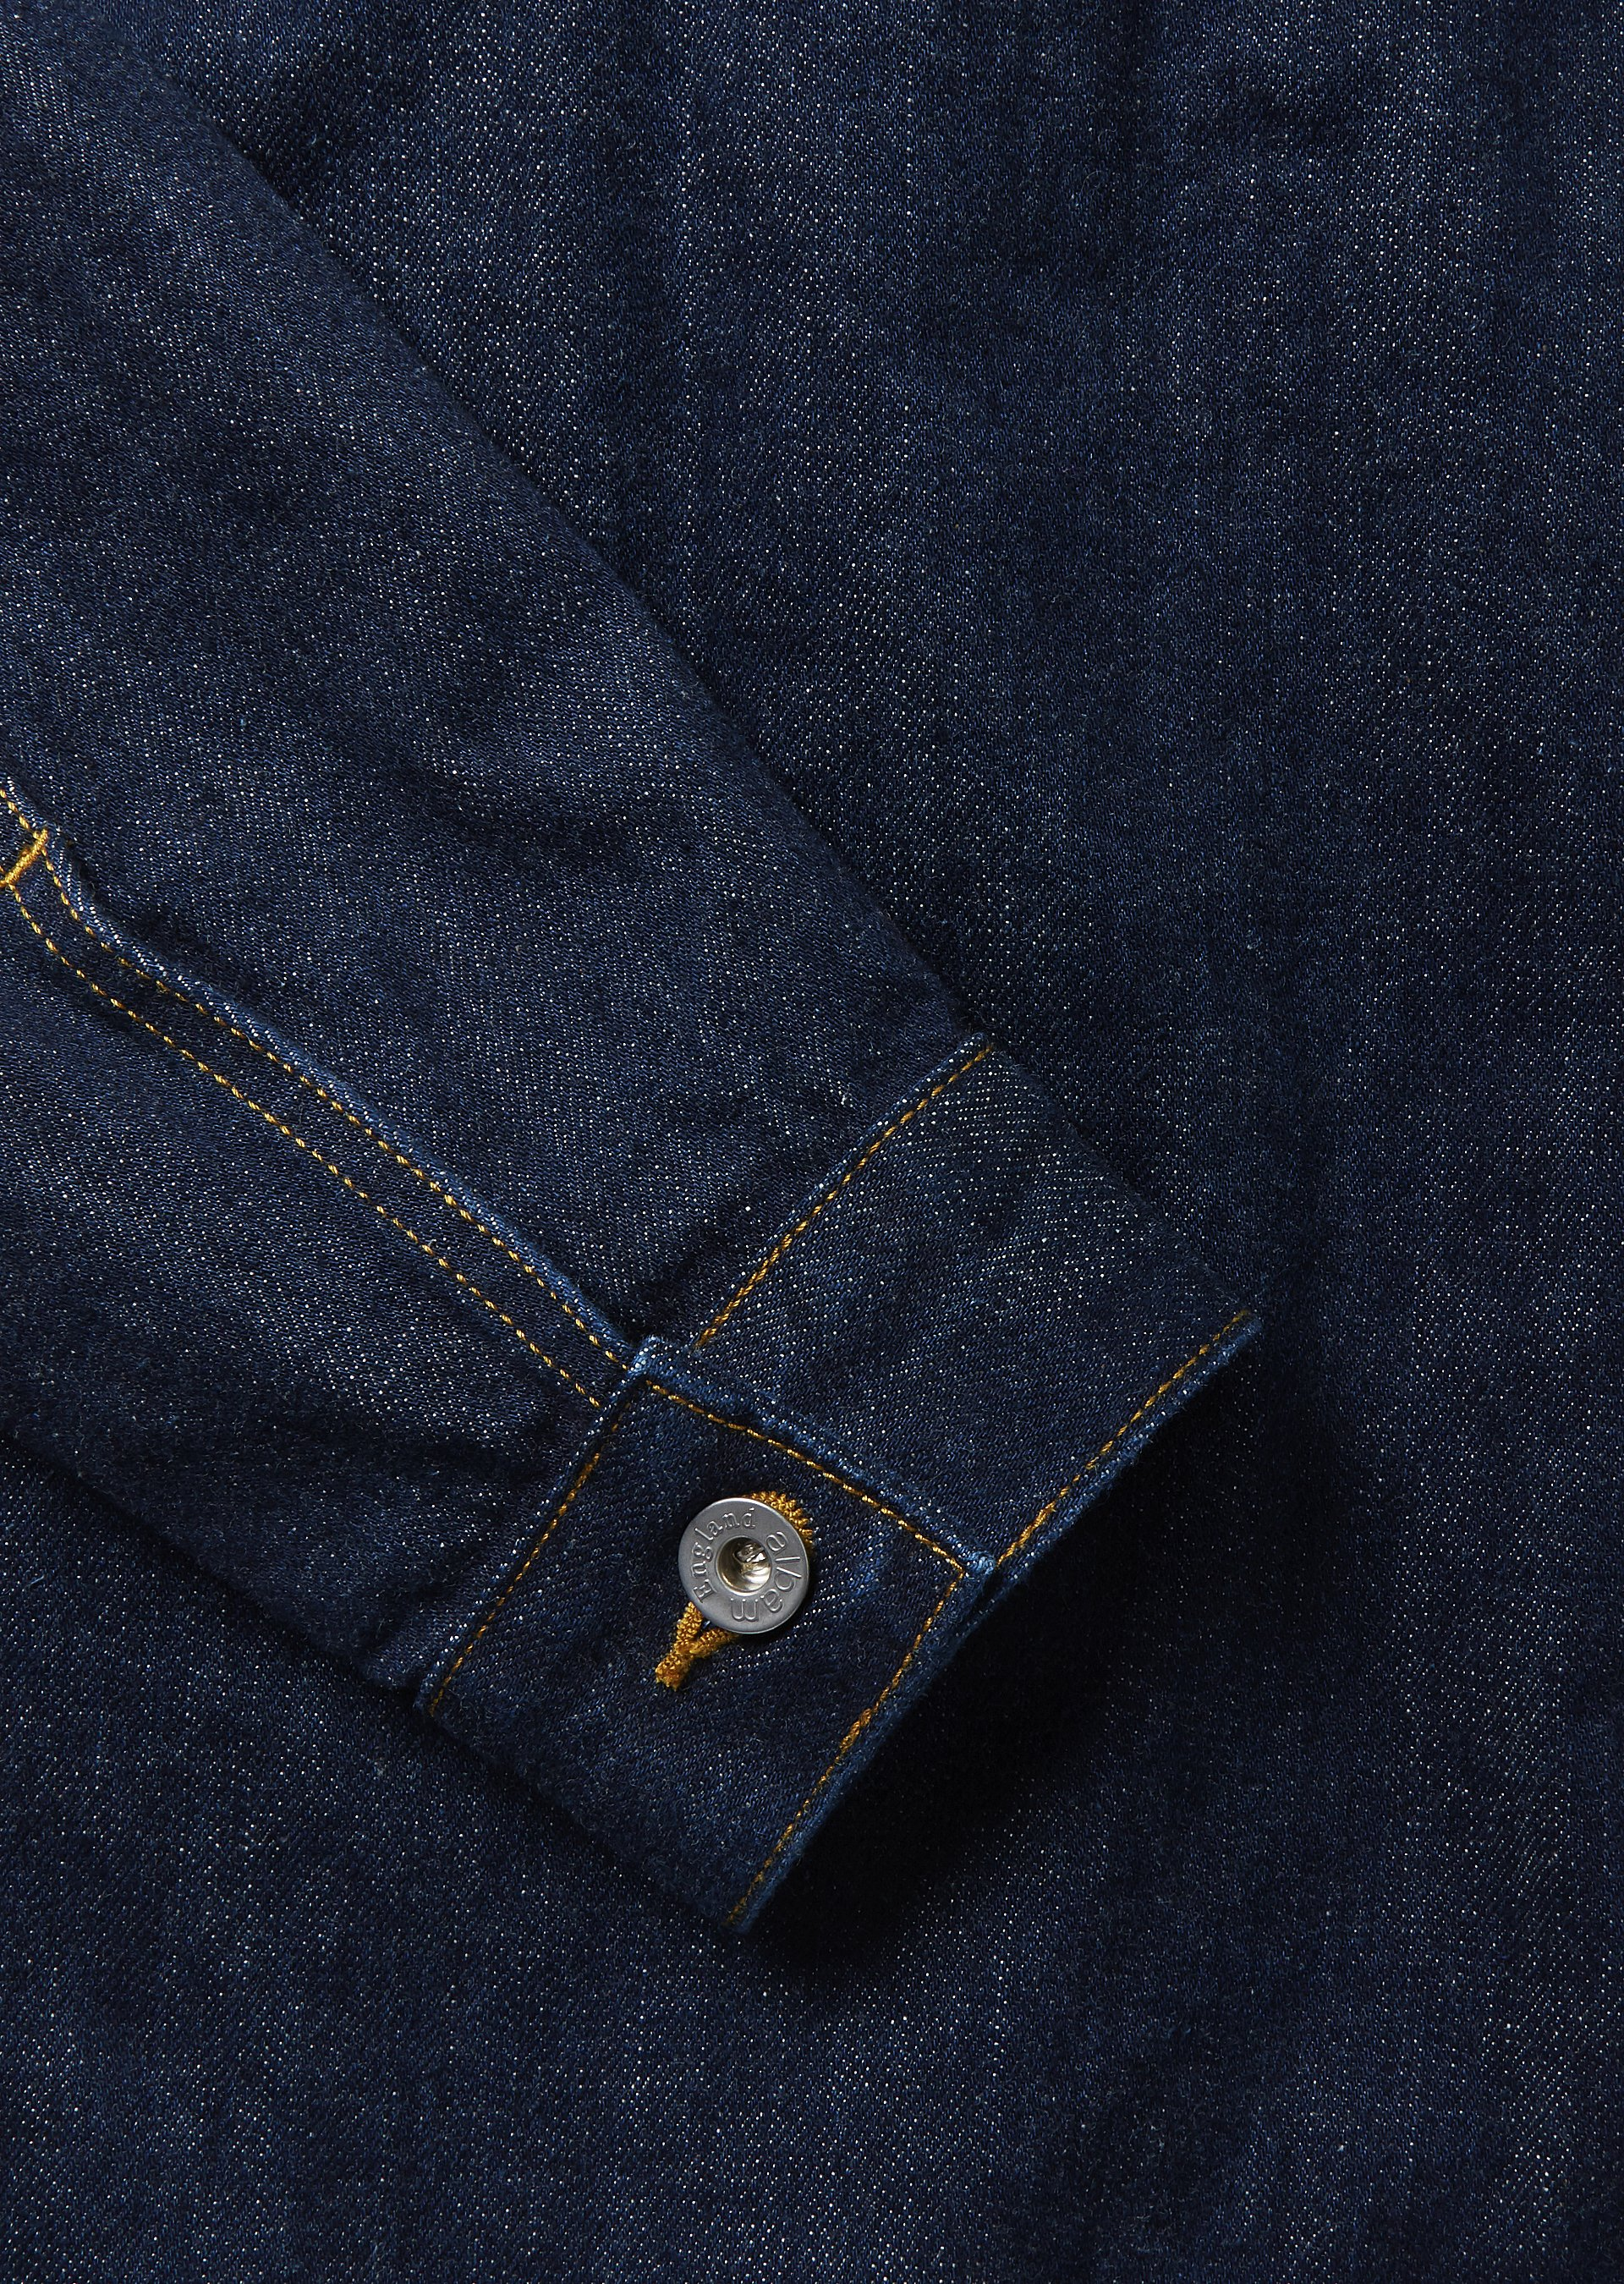 chất liệu vải thời trang mùa hè 10